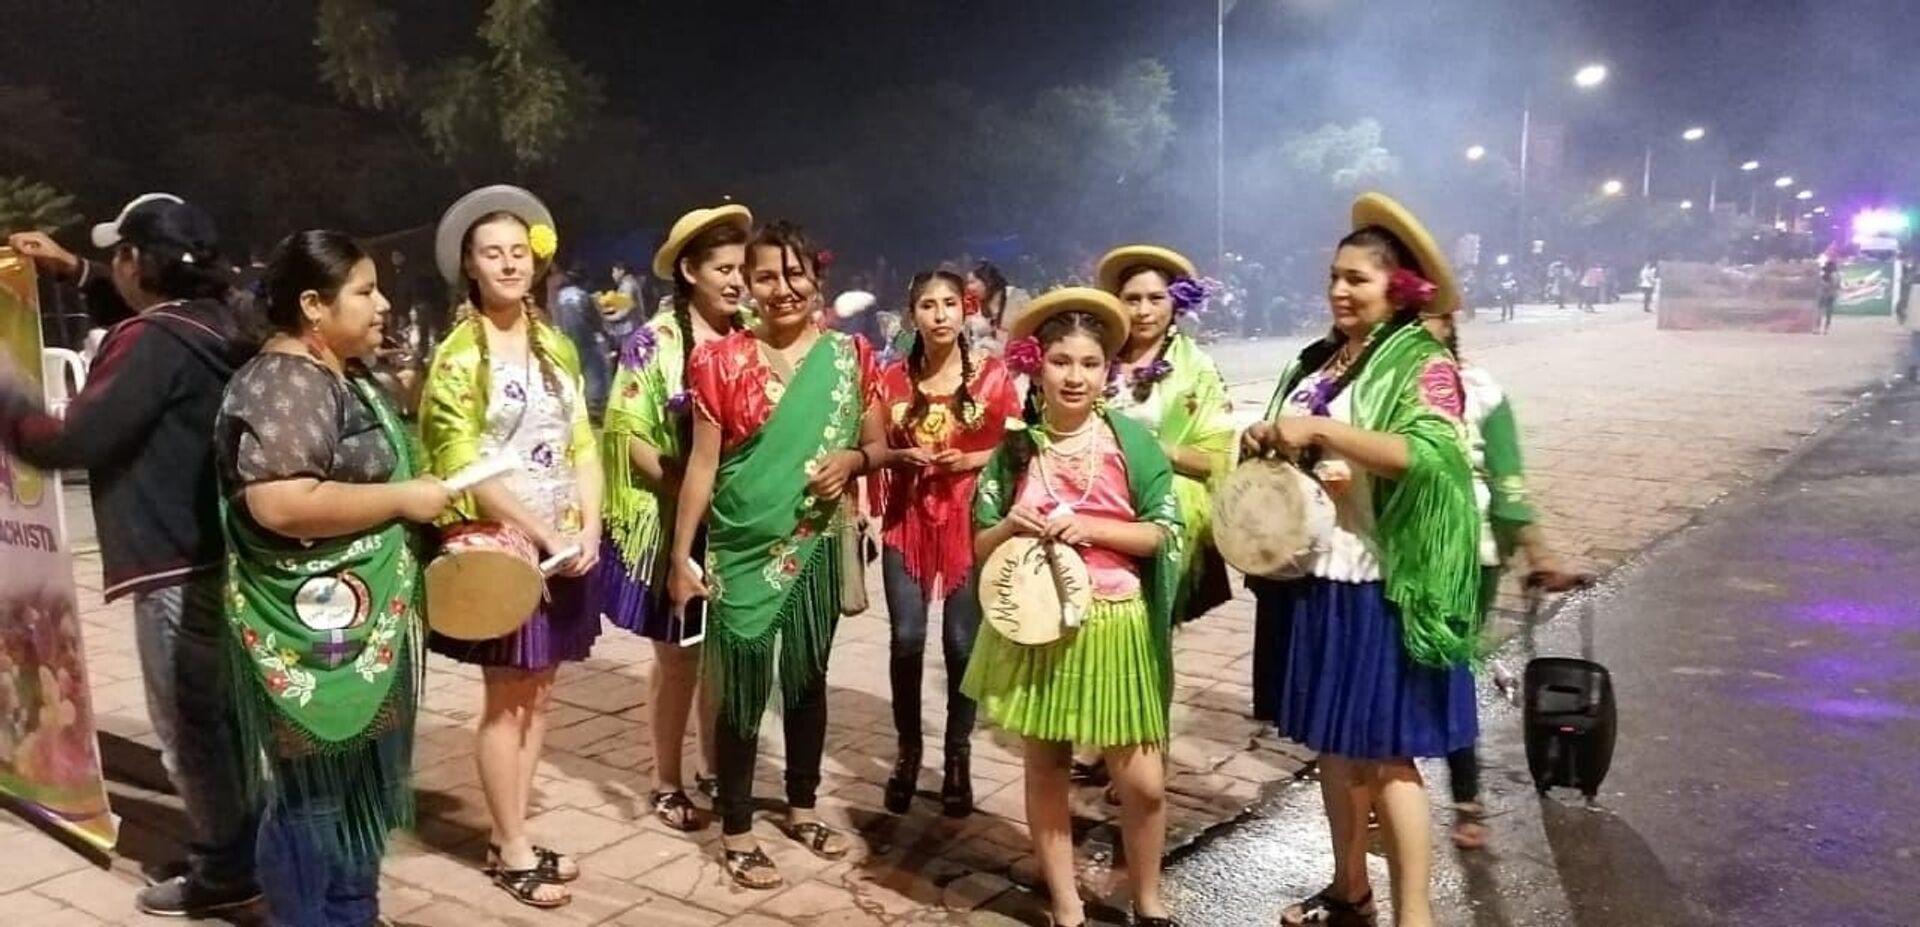 Celebración del Día de las Comadres en la ciudad de Tarija, Bolivia - Sputnik Mundo, 1920, 11.02.2021